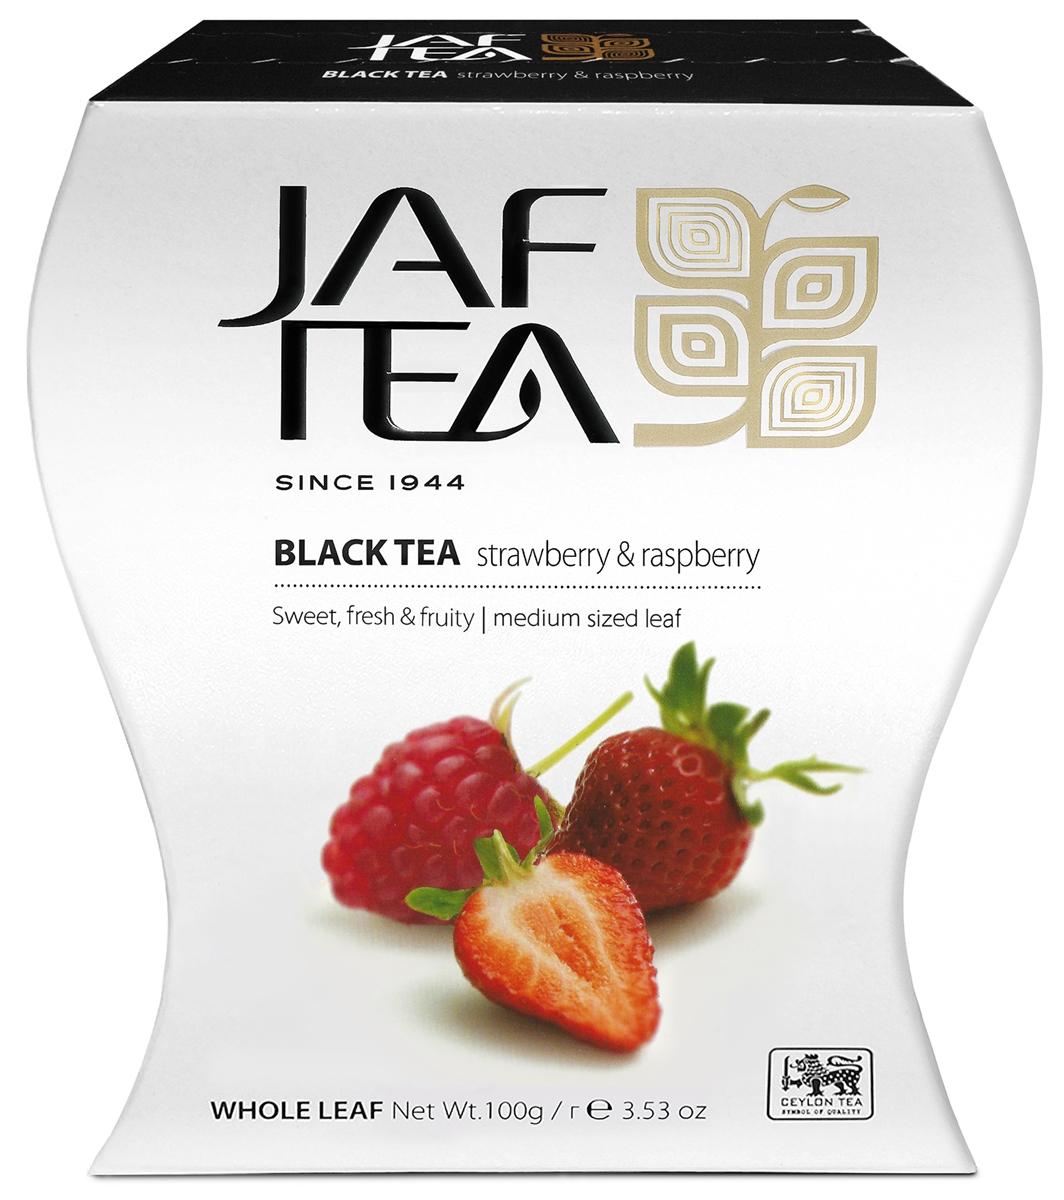 Jaf Tea PC Strawberry & Raspberry чай черный крупнолистовой с ароматом клубники и малины, 100 г4791038045151Превосходно сбалансированная смесь сладких и обволакивающих вкусов ягод клубники и малины уместно сочетается с отборным цейлонским классическим черным чаем. Смесь дополнена лепестками розы и кусочками шиповника для придания мягкости вкусу напитка.